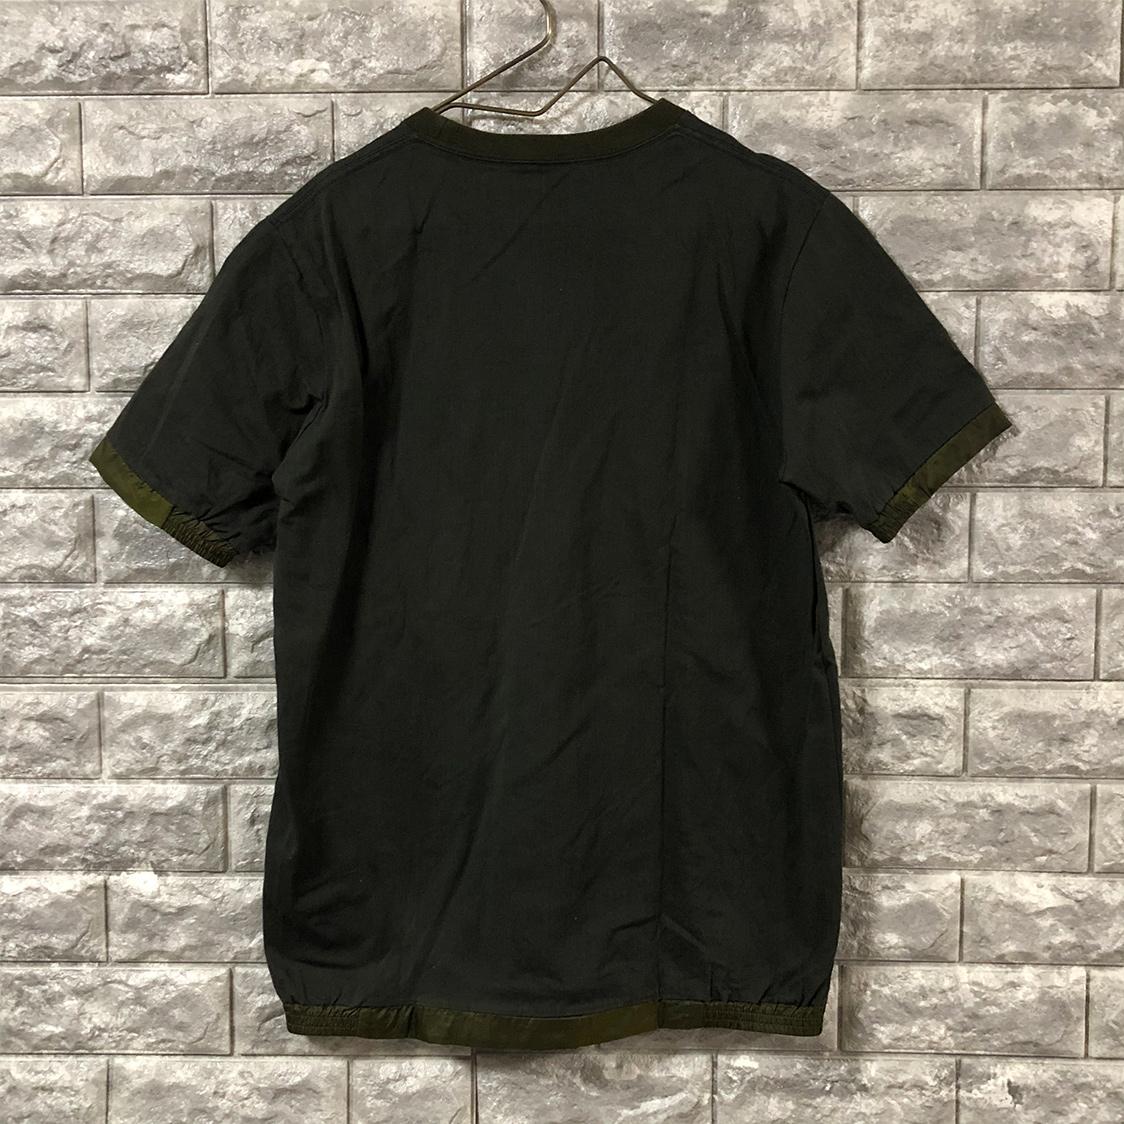 UNITED TOKYO ユナイテッドトーキョー 【サイズ2】 リブ付き ポケット Tシャツ カーキ